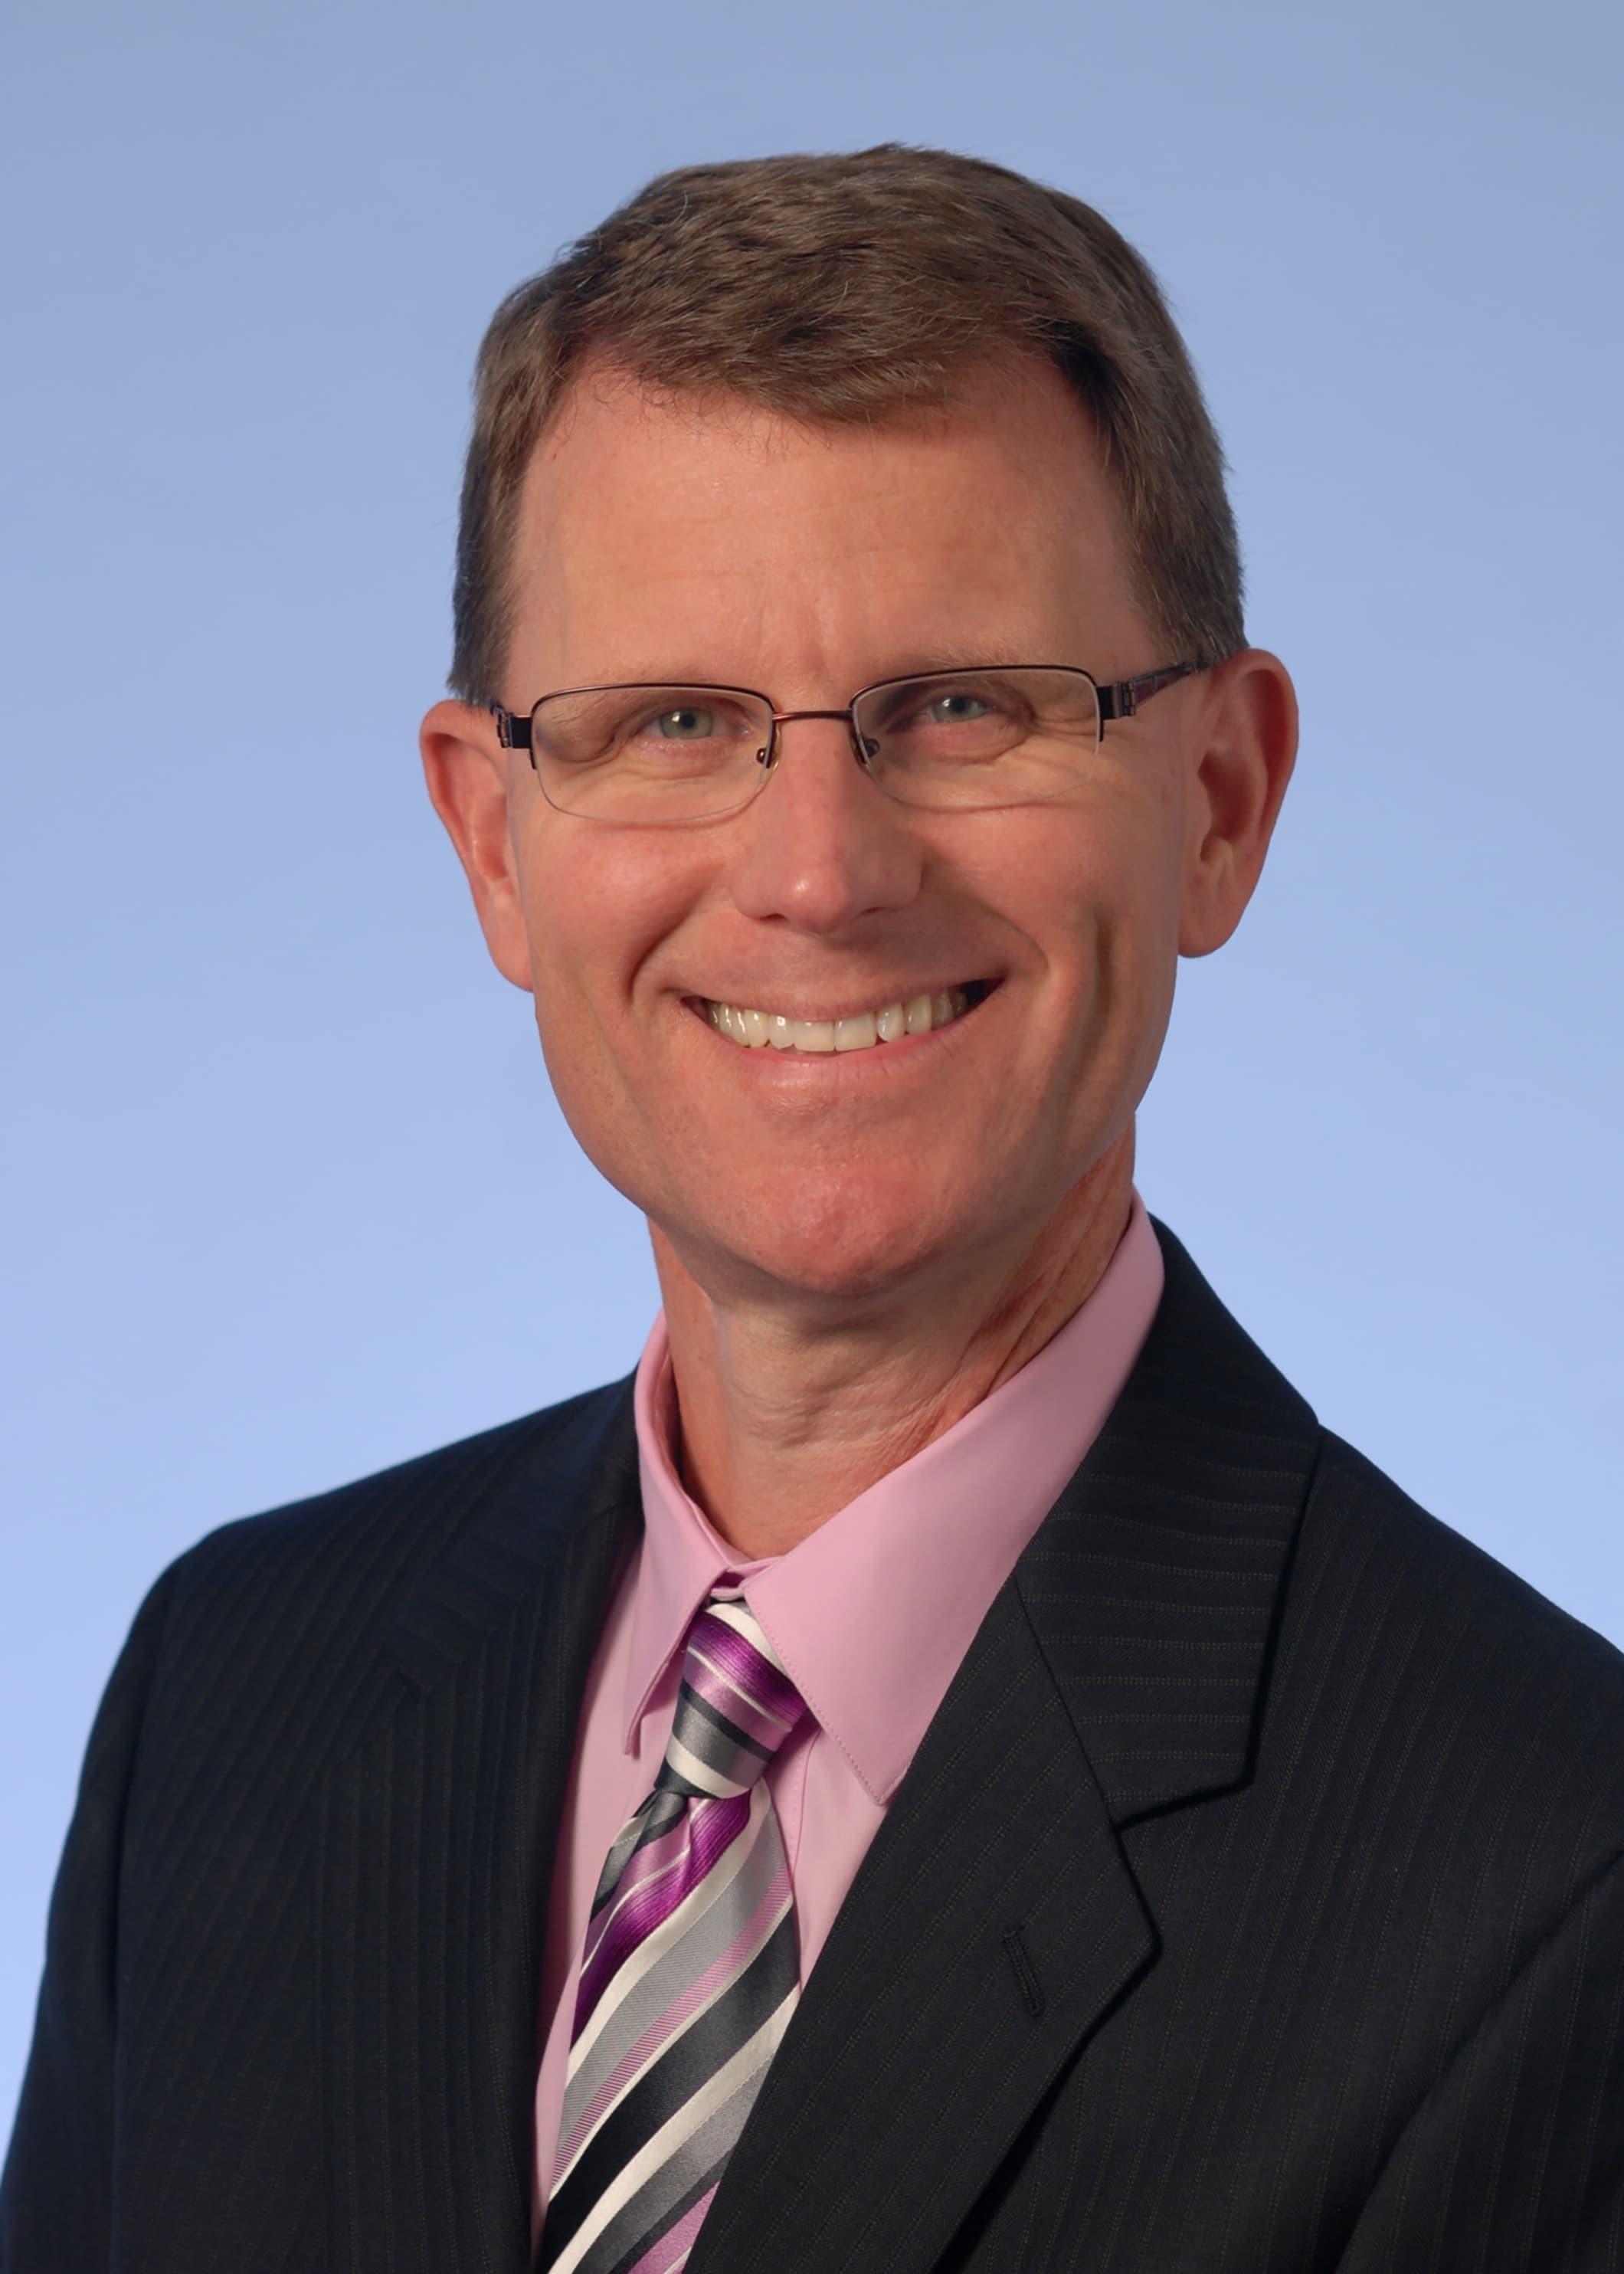 Eric S Ebenroth, MD